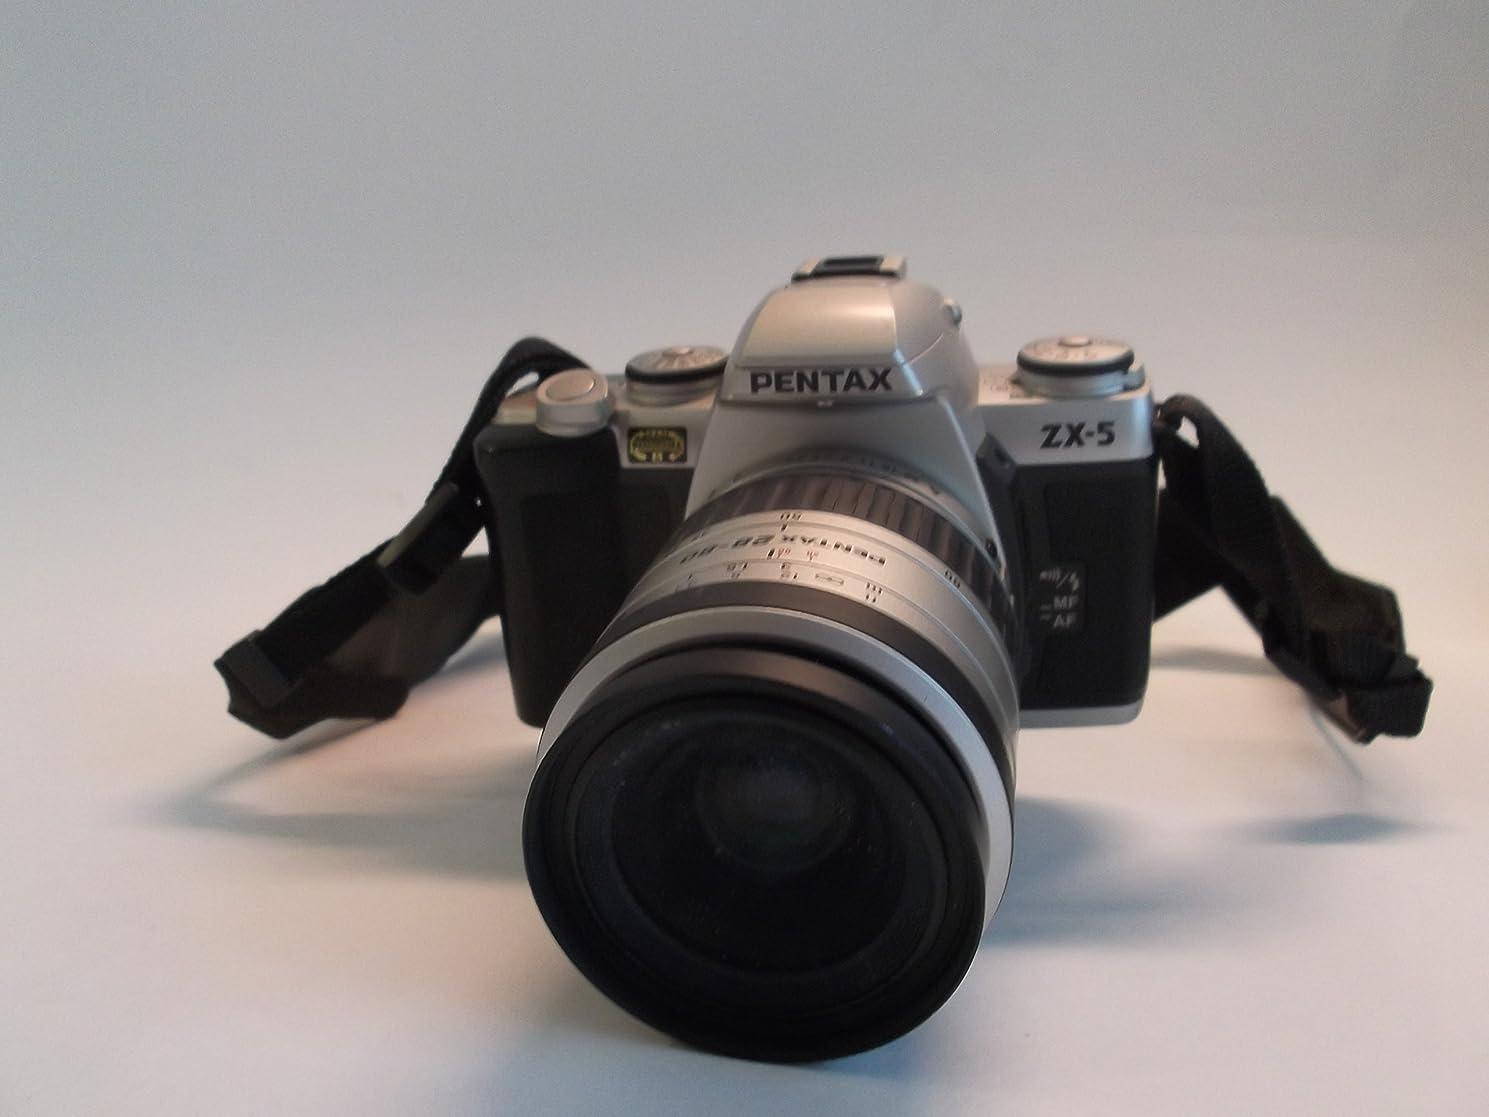 Pentax ZX-5 35MM SLR film camera with AF Zoom lens